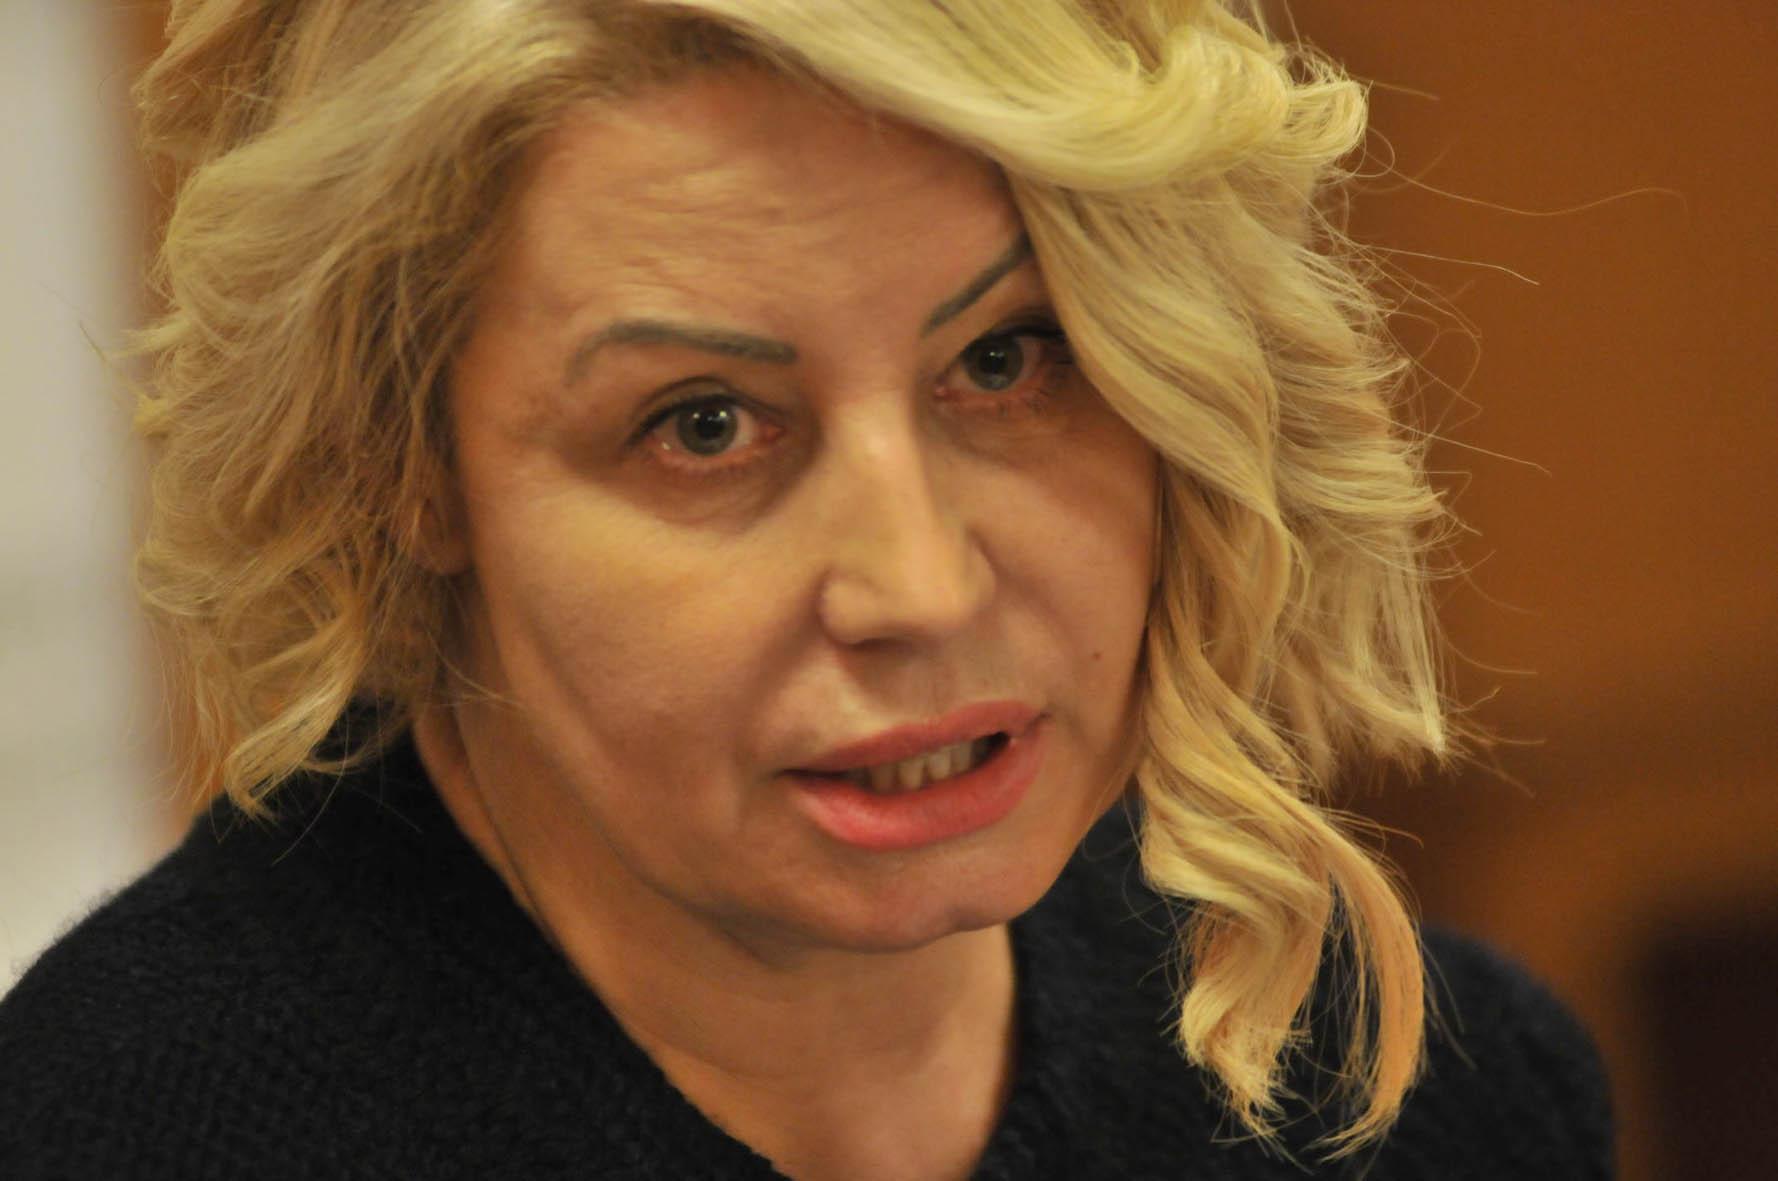 Краса вимагає жертв: Ганна Герман шокувала своїм обличчям (ФОТО)